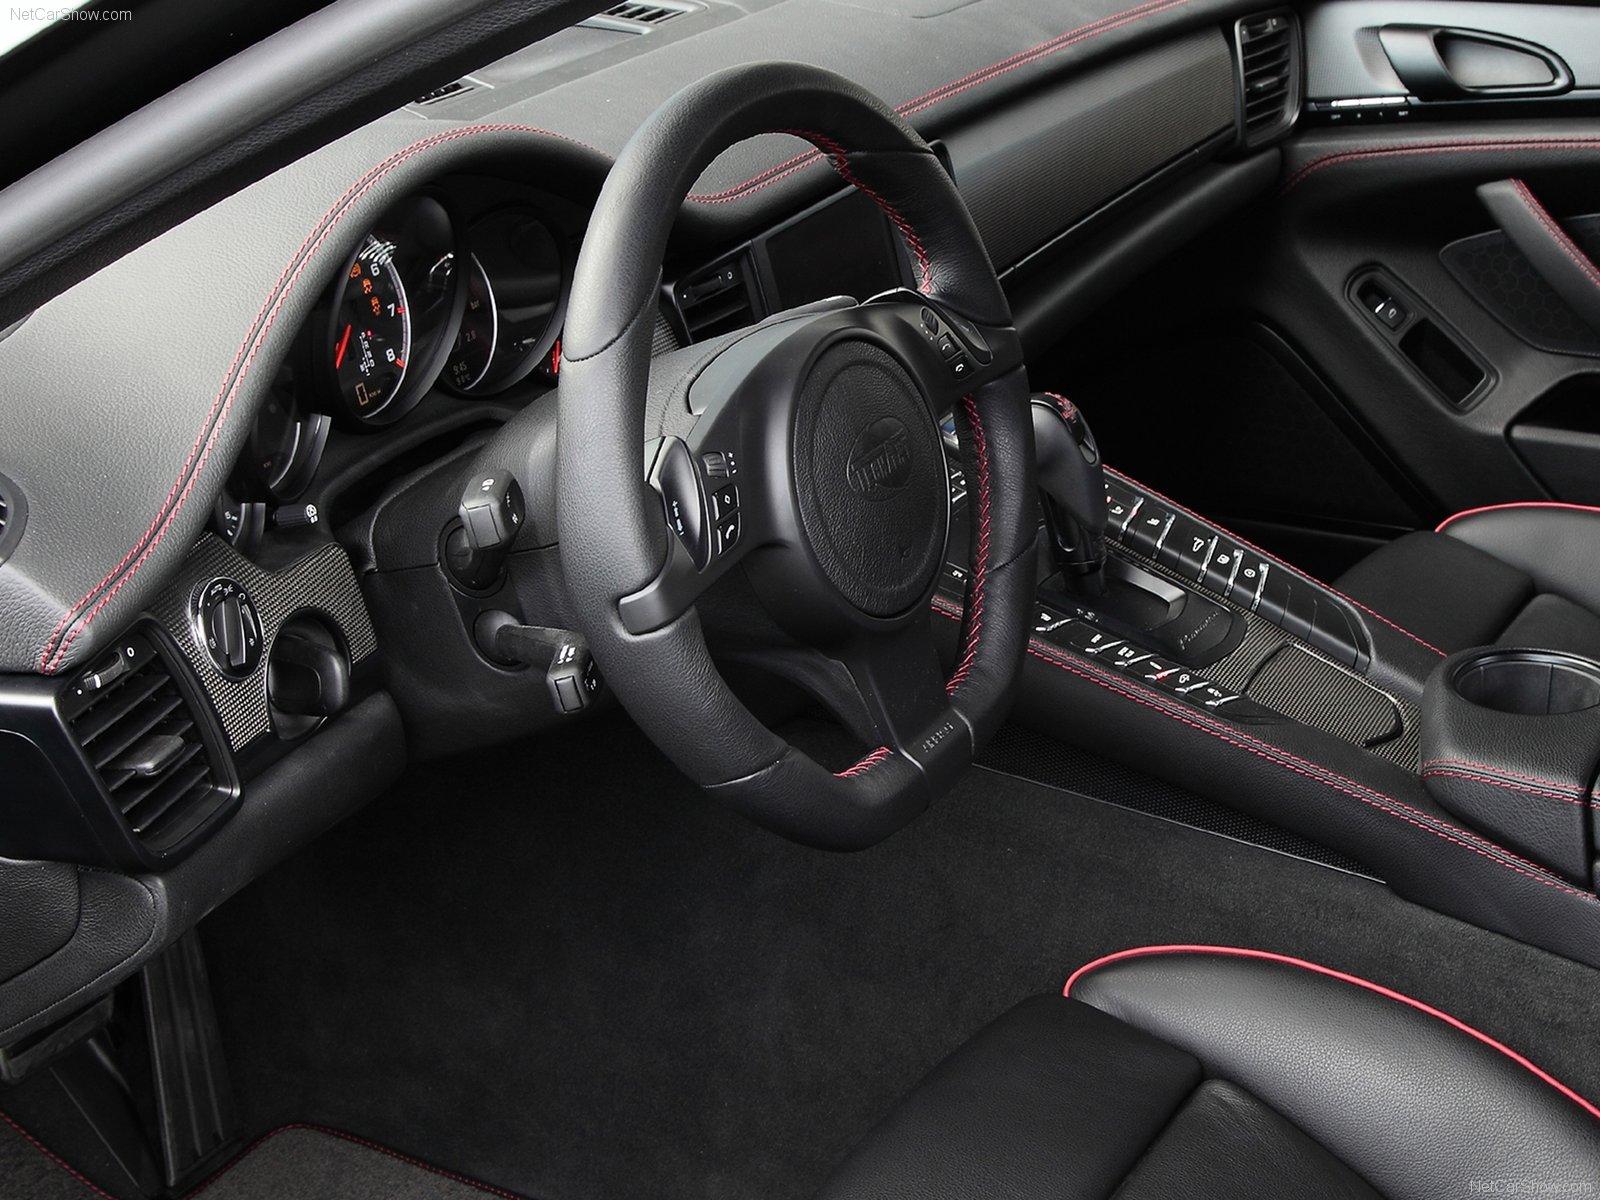 Hình ảnh xe ô tô TechArt Porsche Panamera Black Edition 2010 & nội ngoại thất